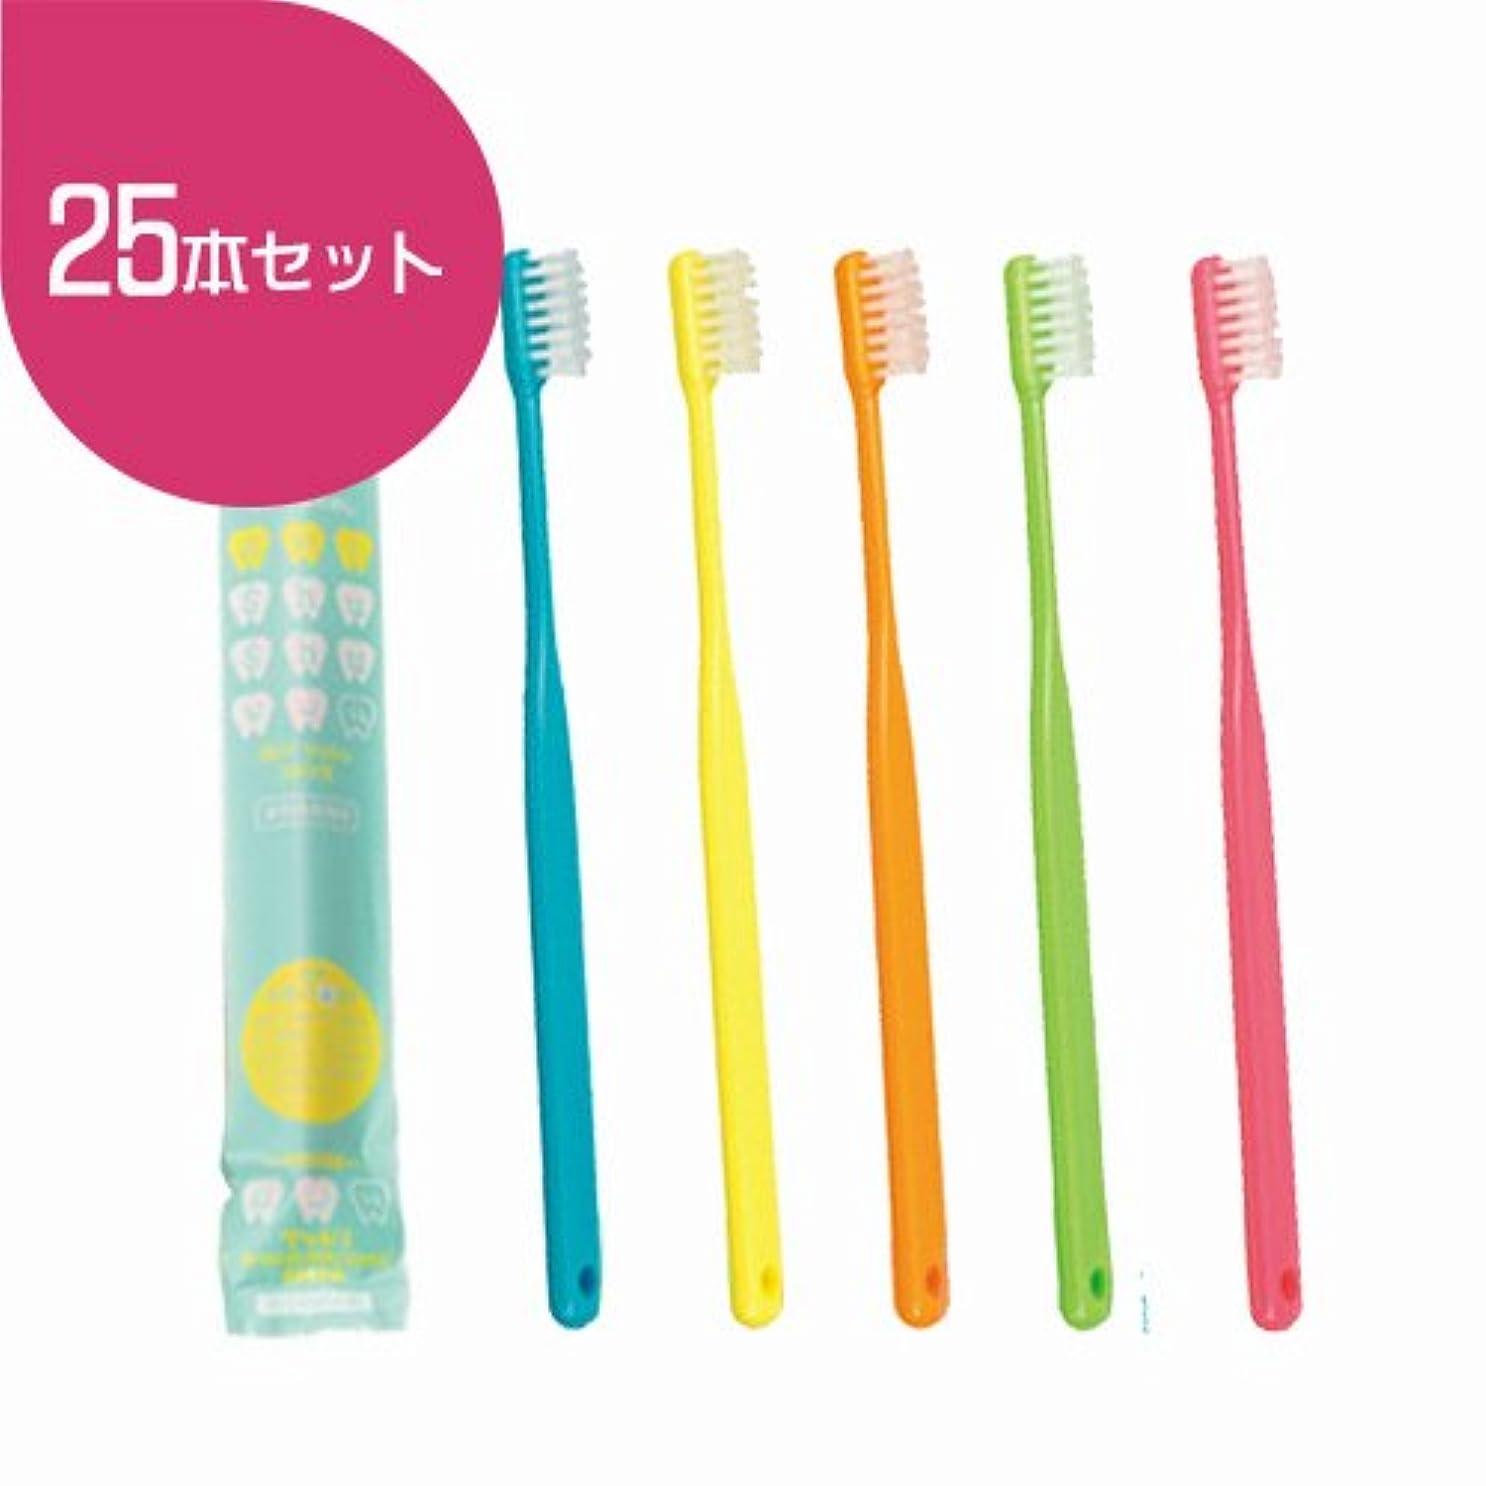 学生変な今晩FEED(フィード) 占い!Shu Shu(うらないシュシュ)歯ブラシ×25本 (ふつう(M), 色はおまかせ)